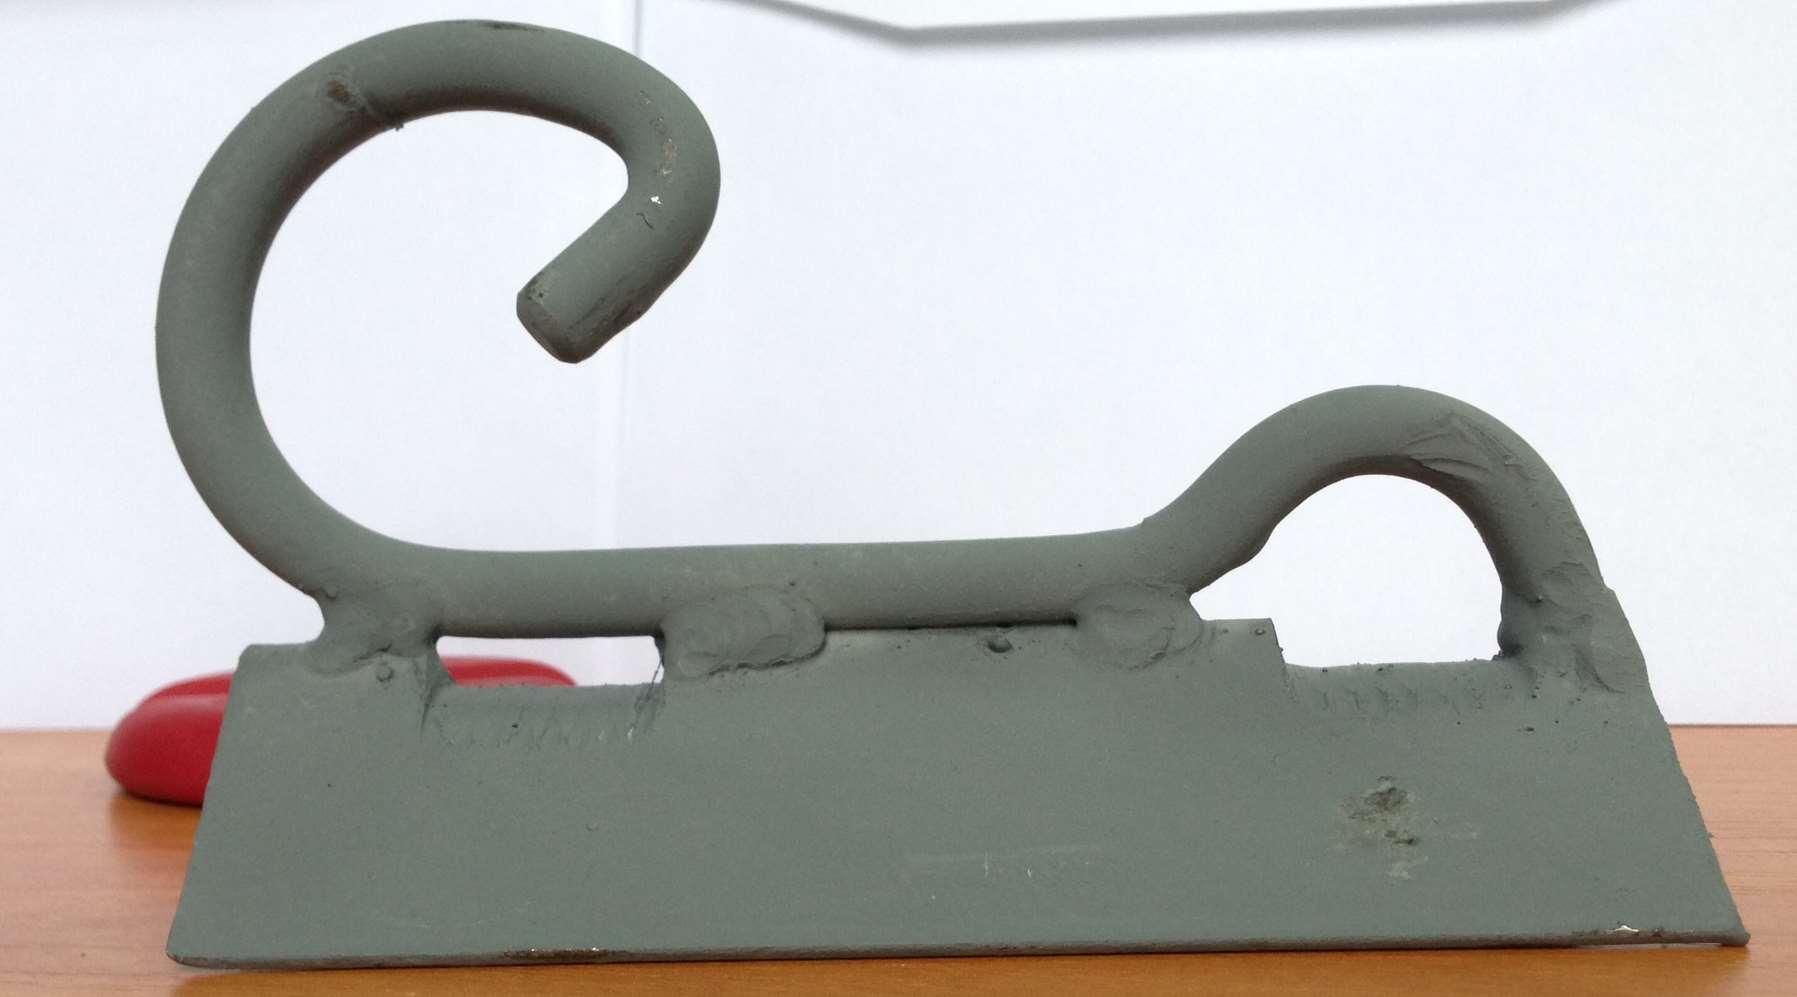 Купить Крюк для круглых и прямоугольных опор с доставкой по Украине. Цена и характеристики.